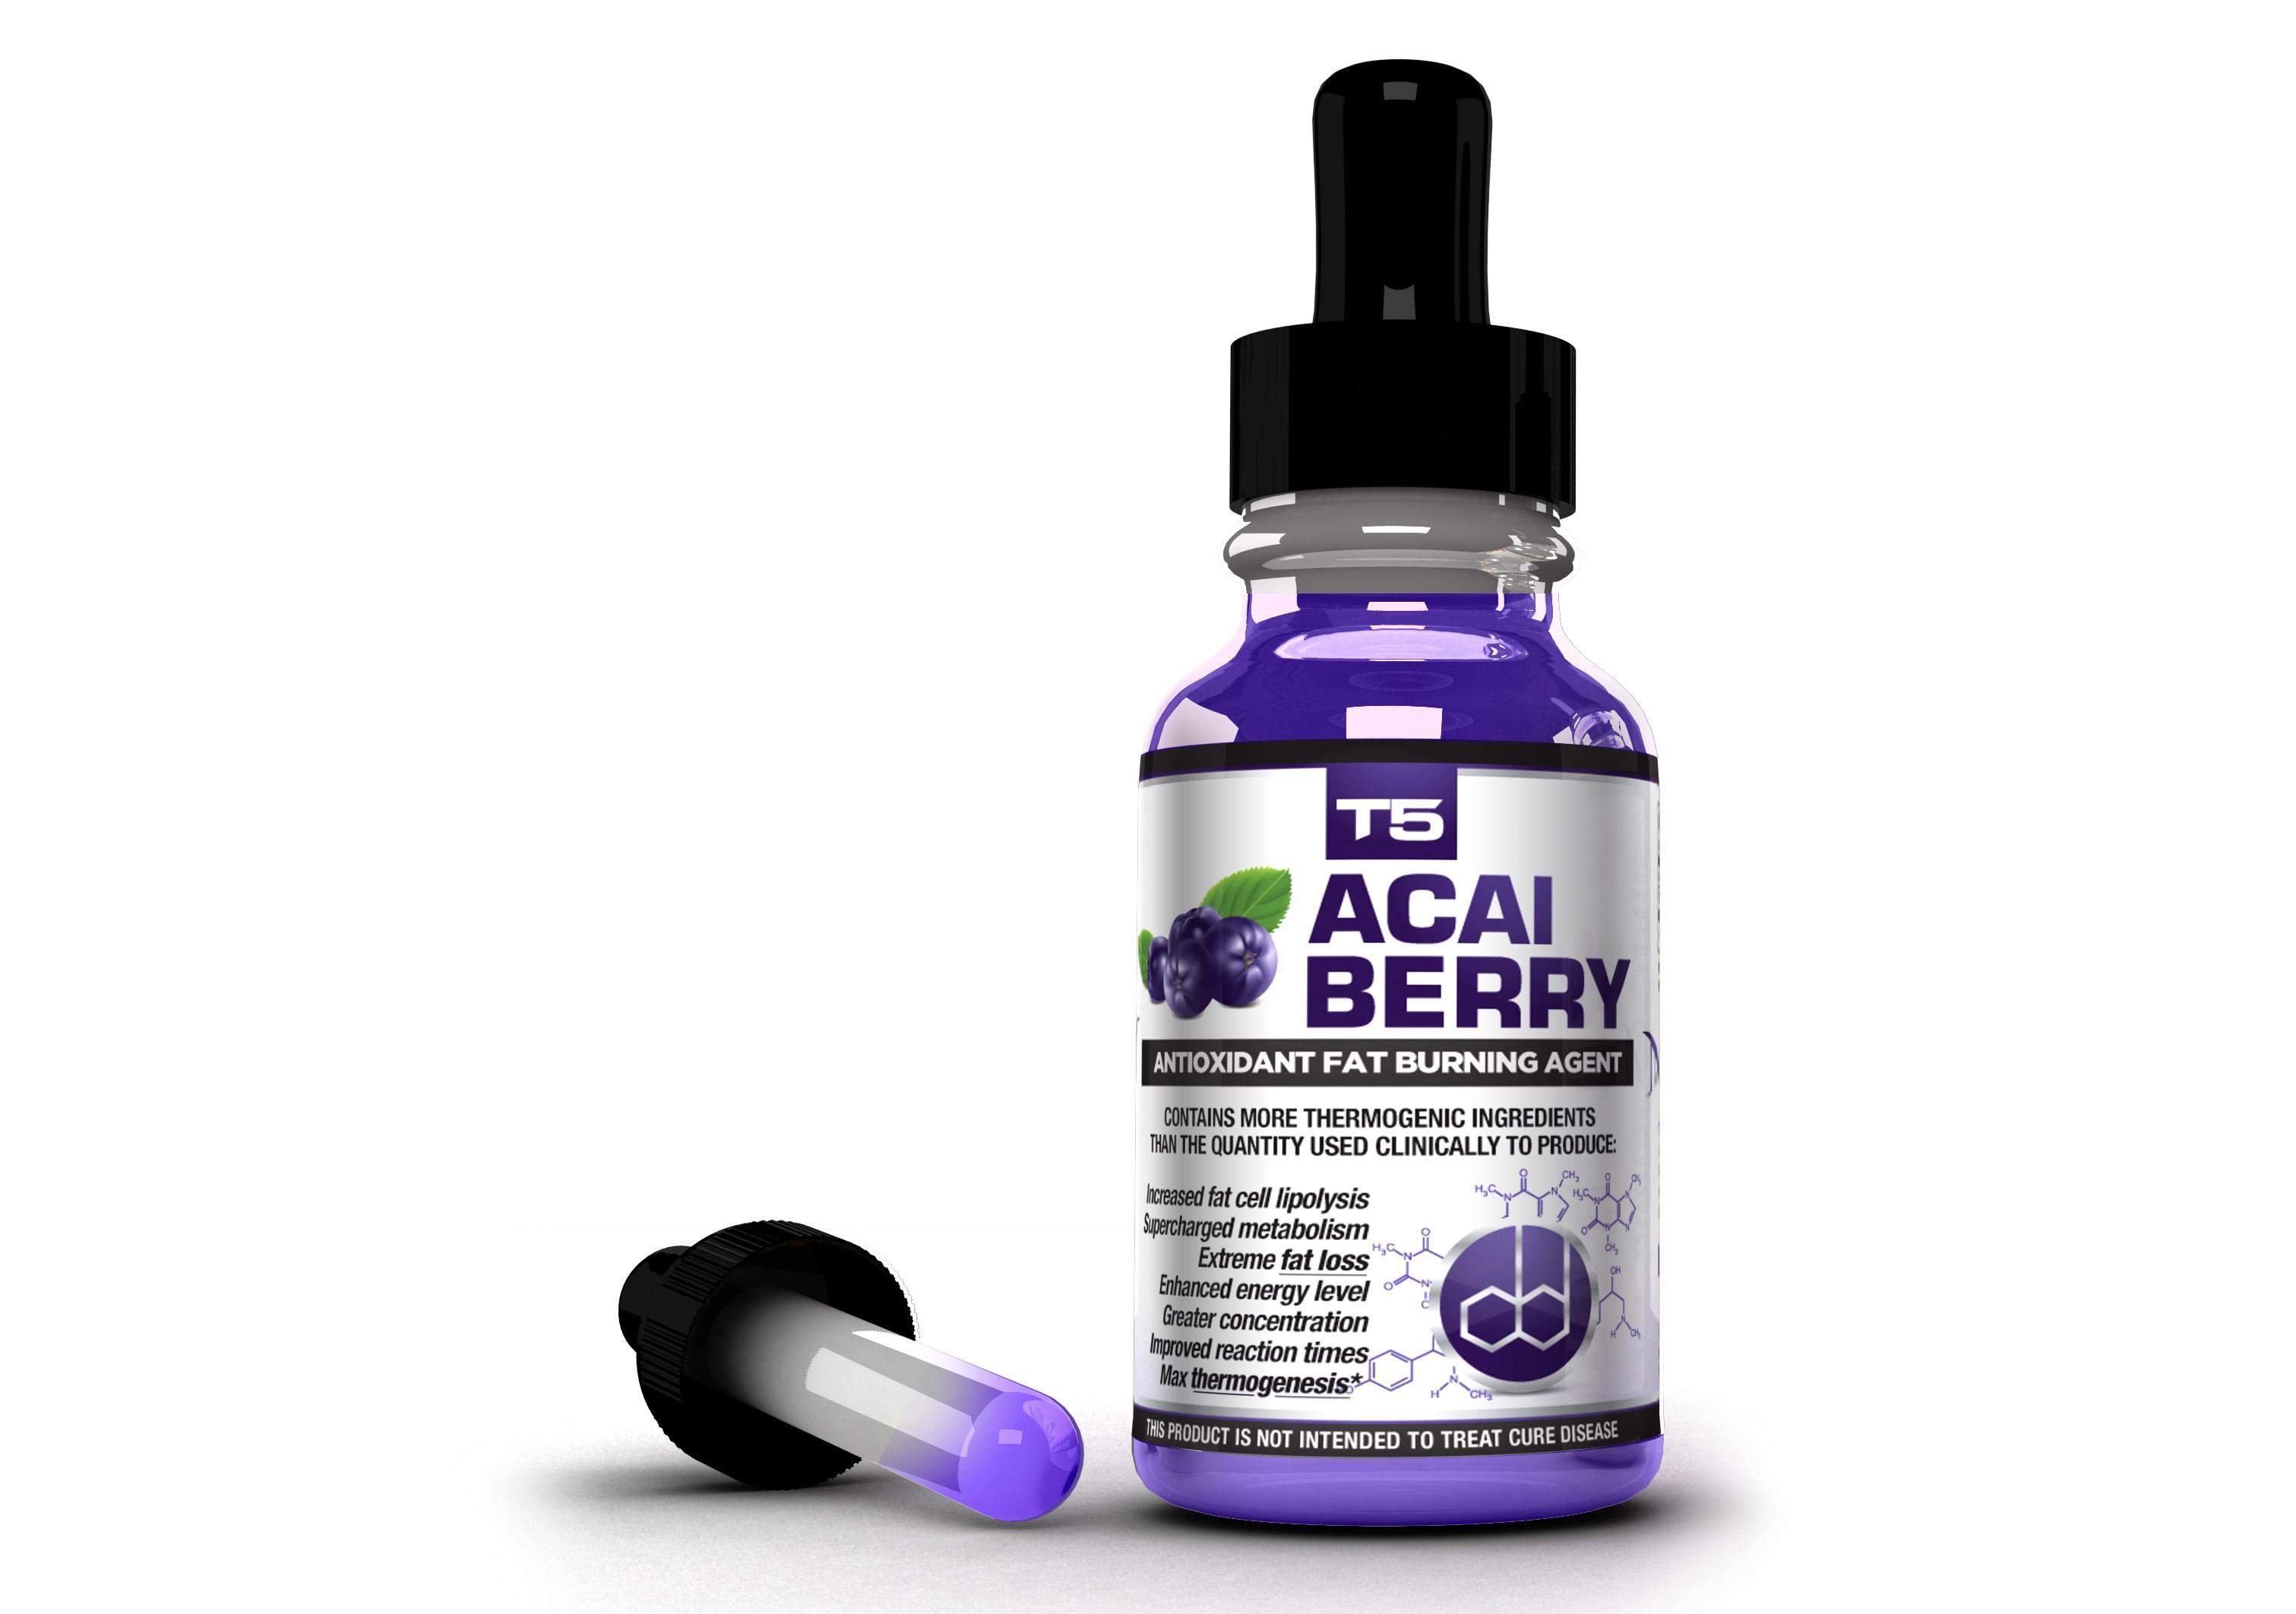 T5 Acai Berry